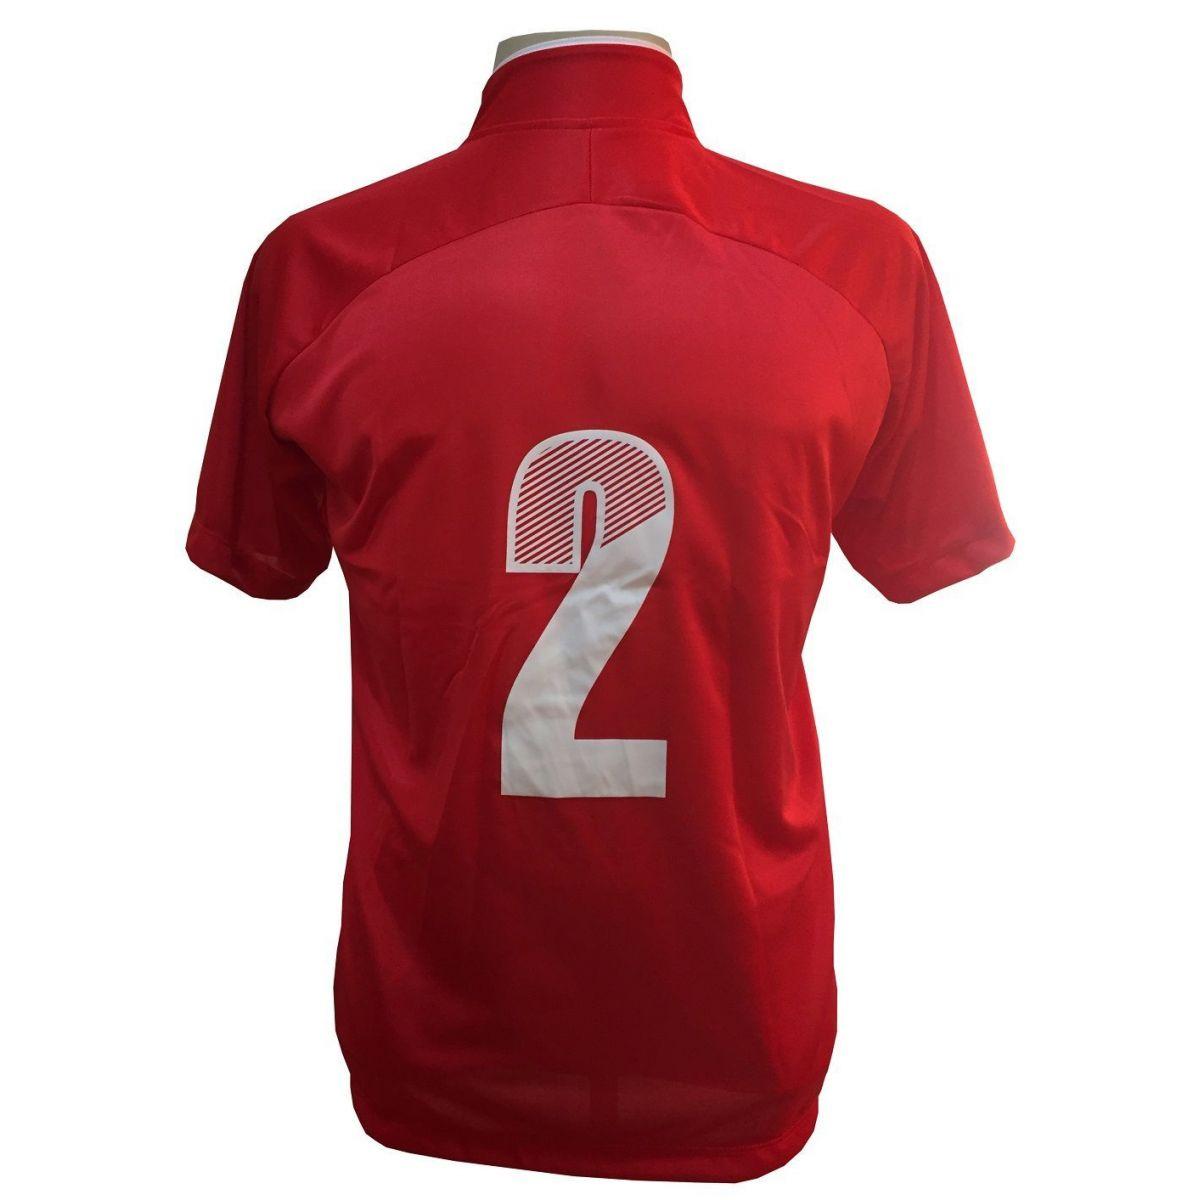 Fardamento Completo modelo City 18+1 (18 Camisas Vermelho/Branco + 18 Calções Madrid Royal + 18 Pares de Meiões Vermelhos + 1 Conjunto de Goleiro) + Brindes